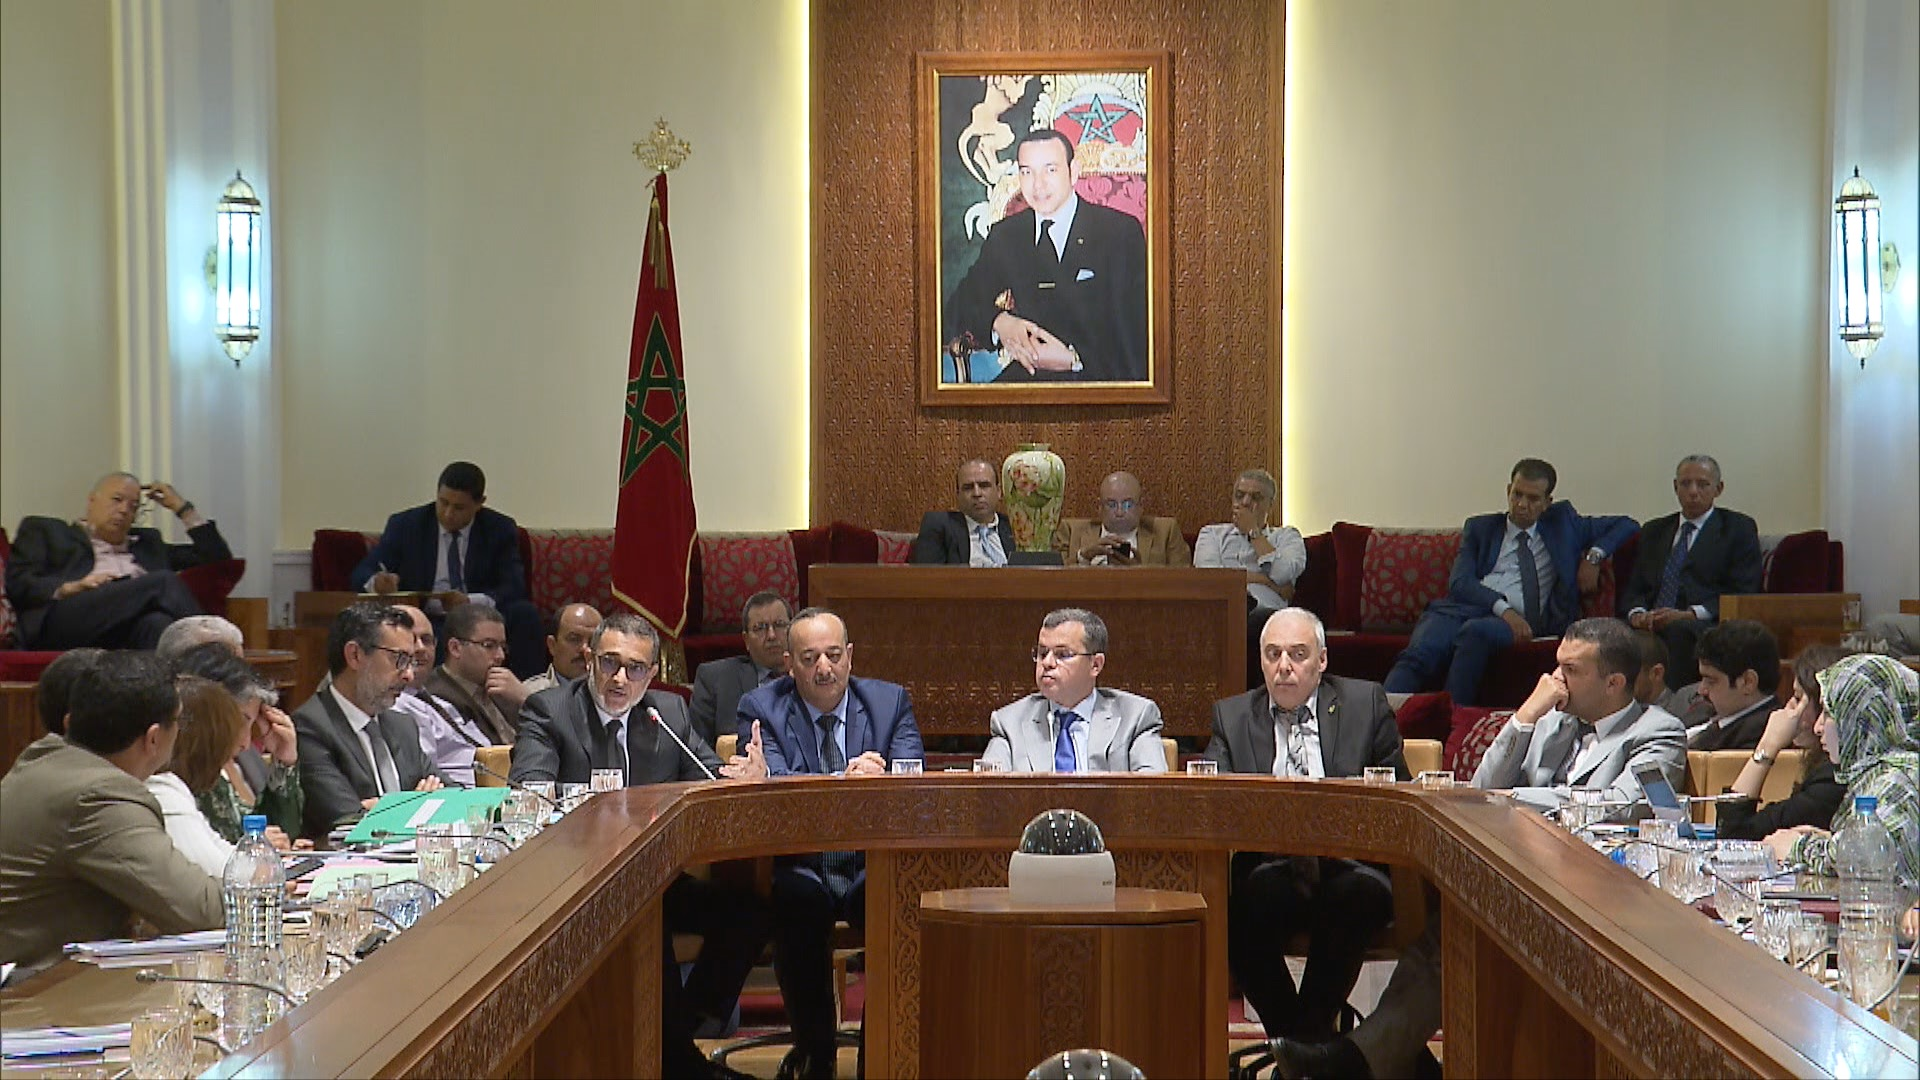 العرايشي يستعرض أمام البرلمان وضعية وتحديات التلفزيون العمومي المغربي